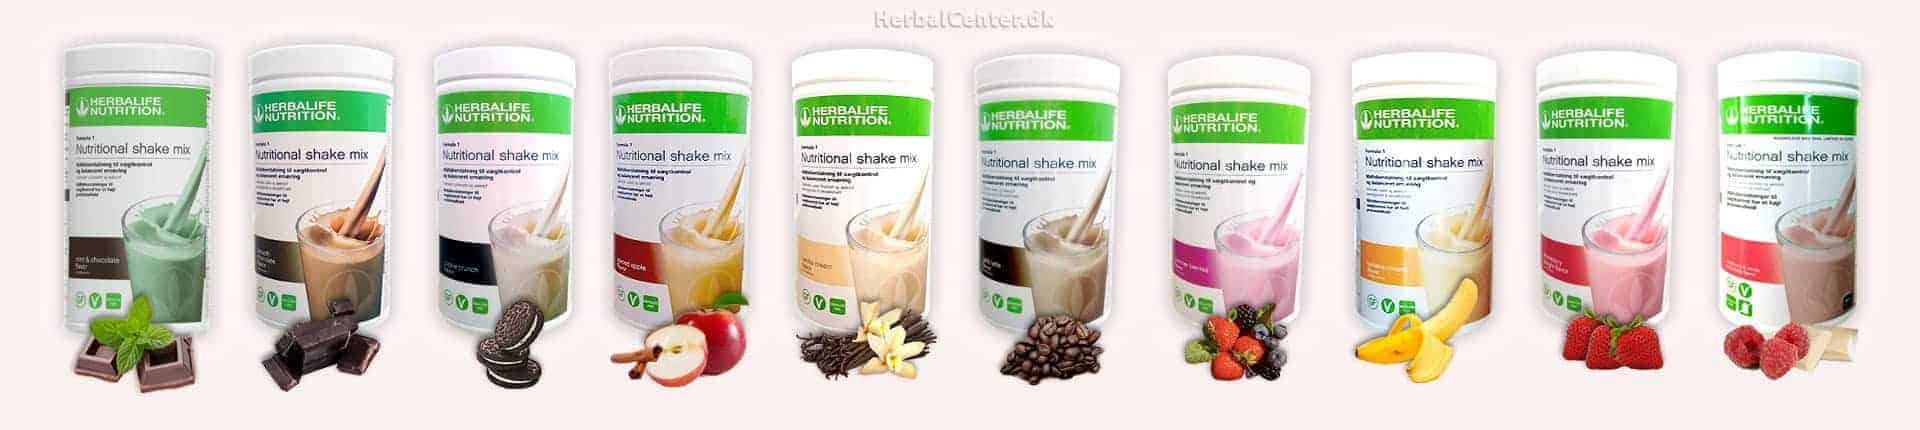 Herbalife 10 lækre protein shake smag